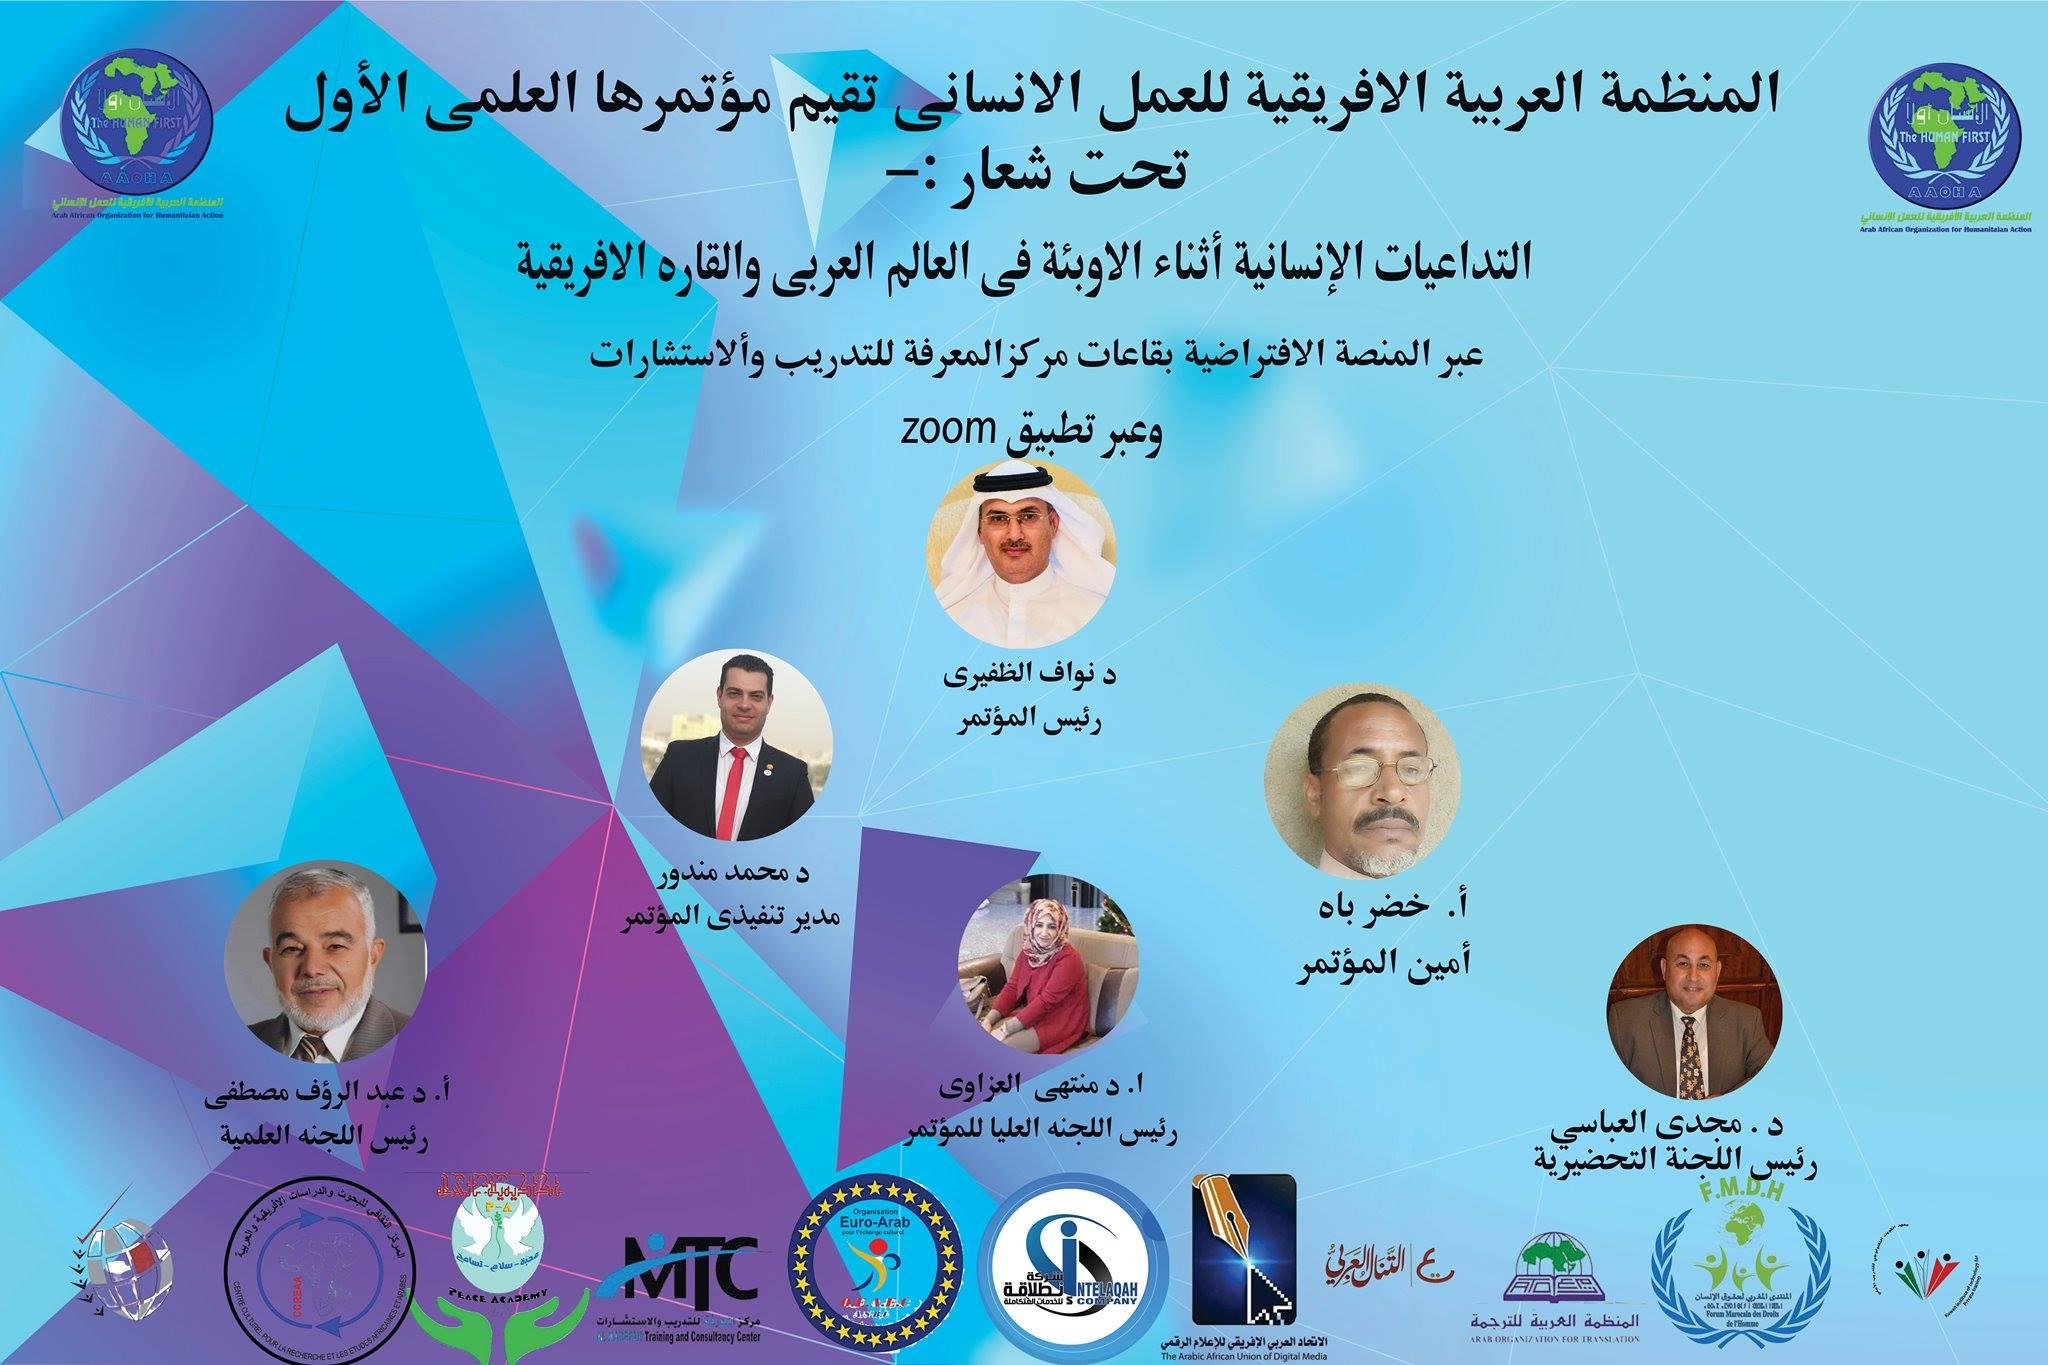 المؤتمر العلمي الأول للمنظمة العربية الافريقية للعمل الانساني